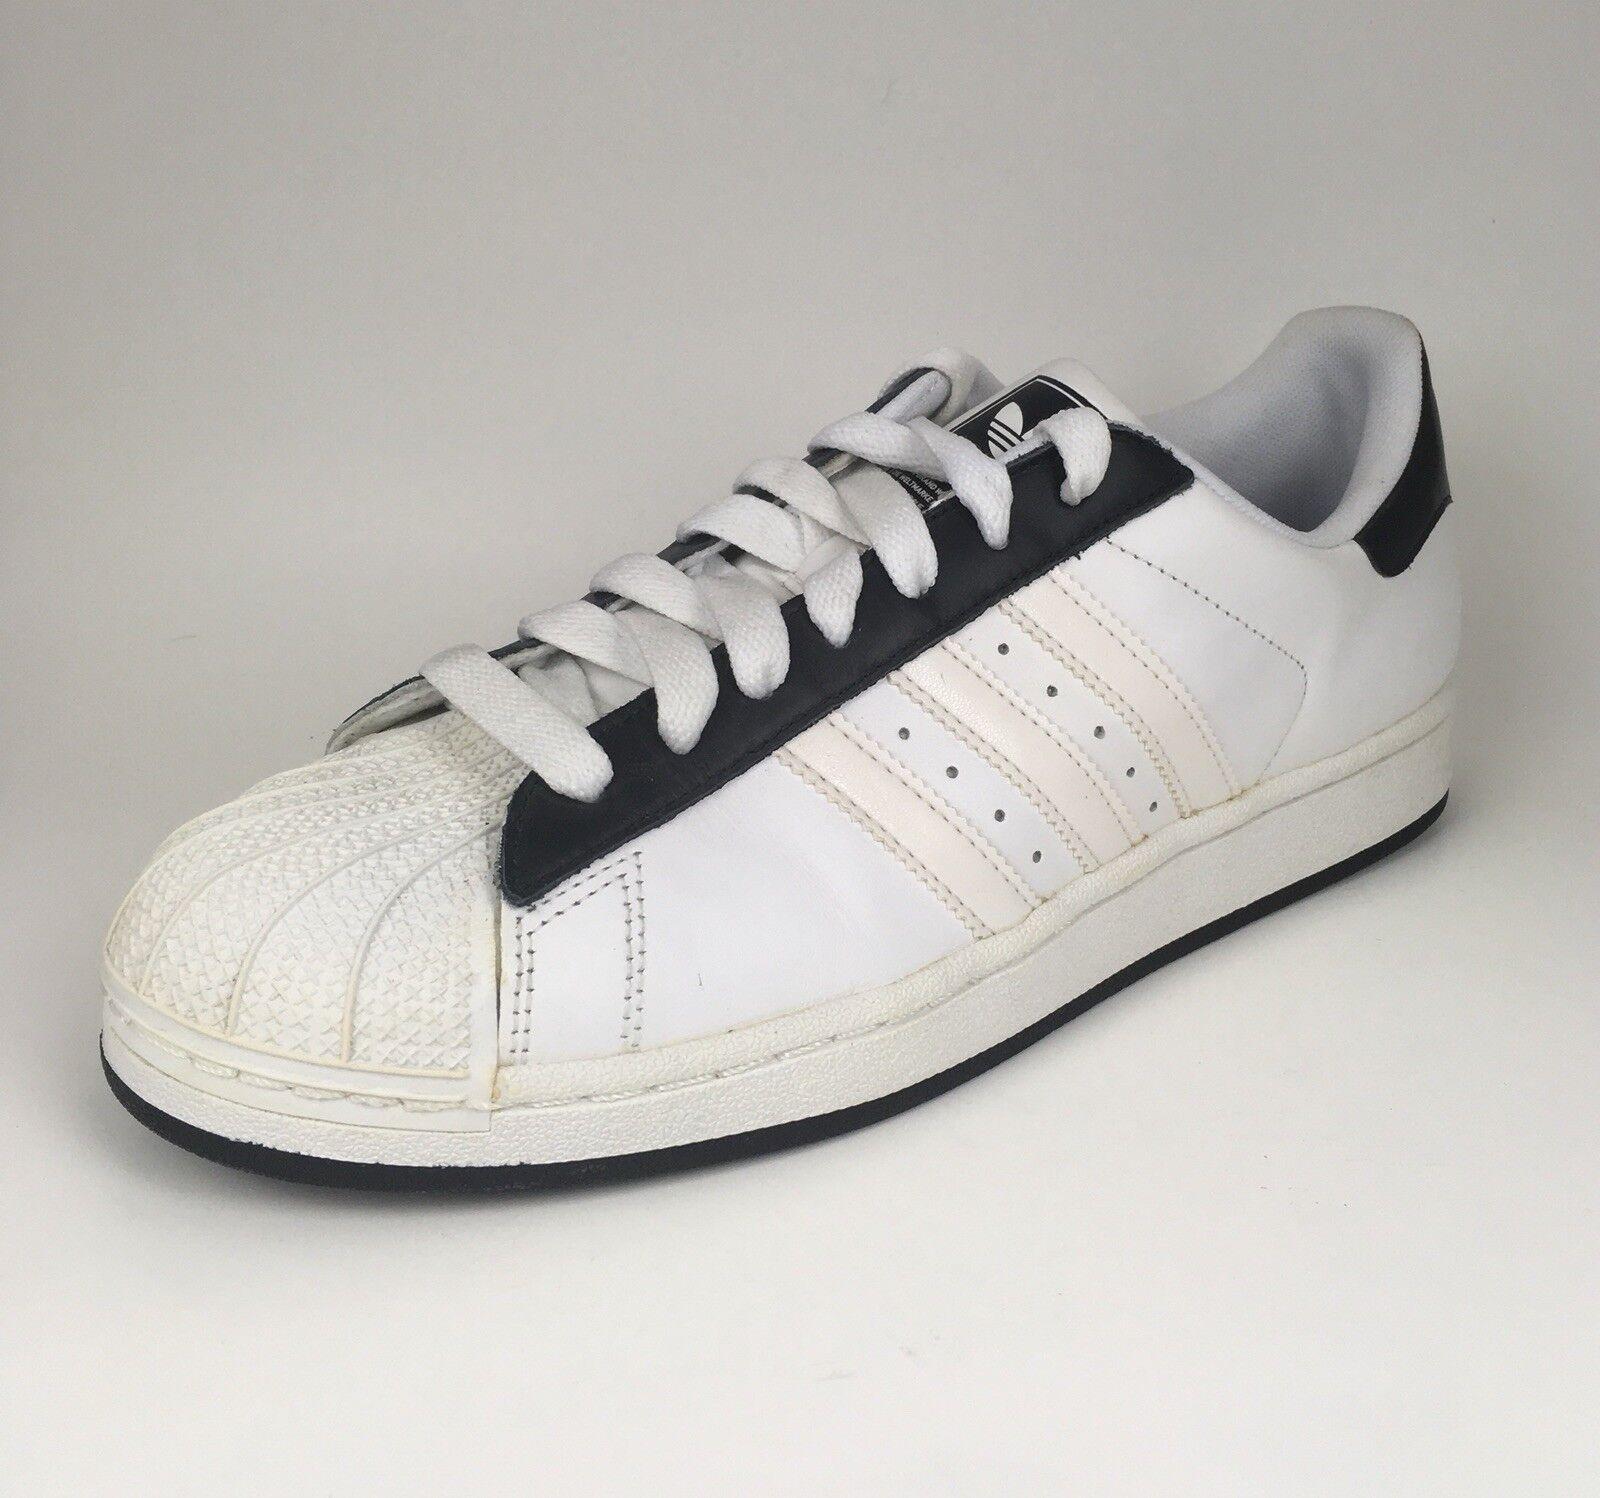 brand new 04dbd bc173 Adidas Hombre Superstar blanco   negro cuero nuevos Athletic Sneakers cómodos  zapatos nuevos cuero para hombres y mujeres, el limitado tiempo de descuento  ...